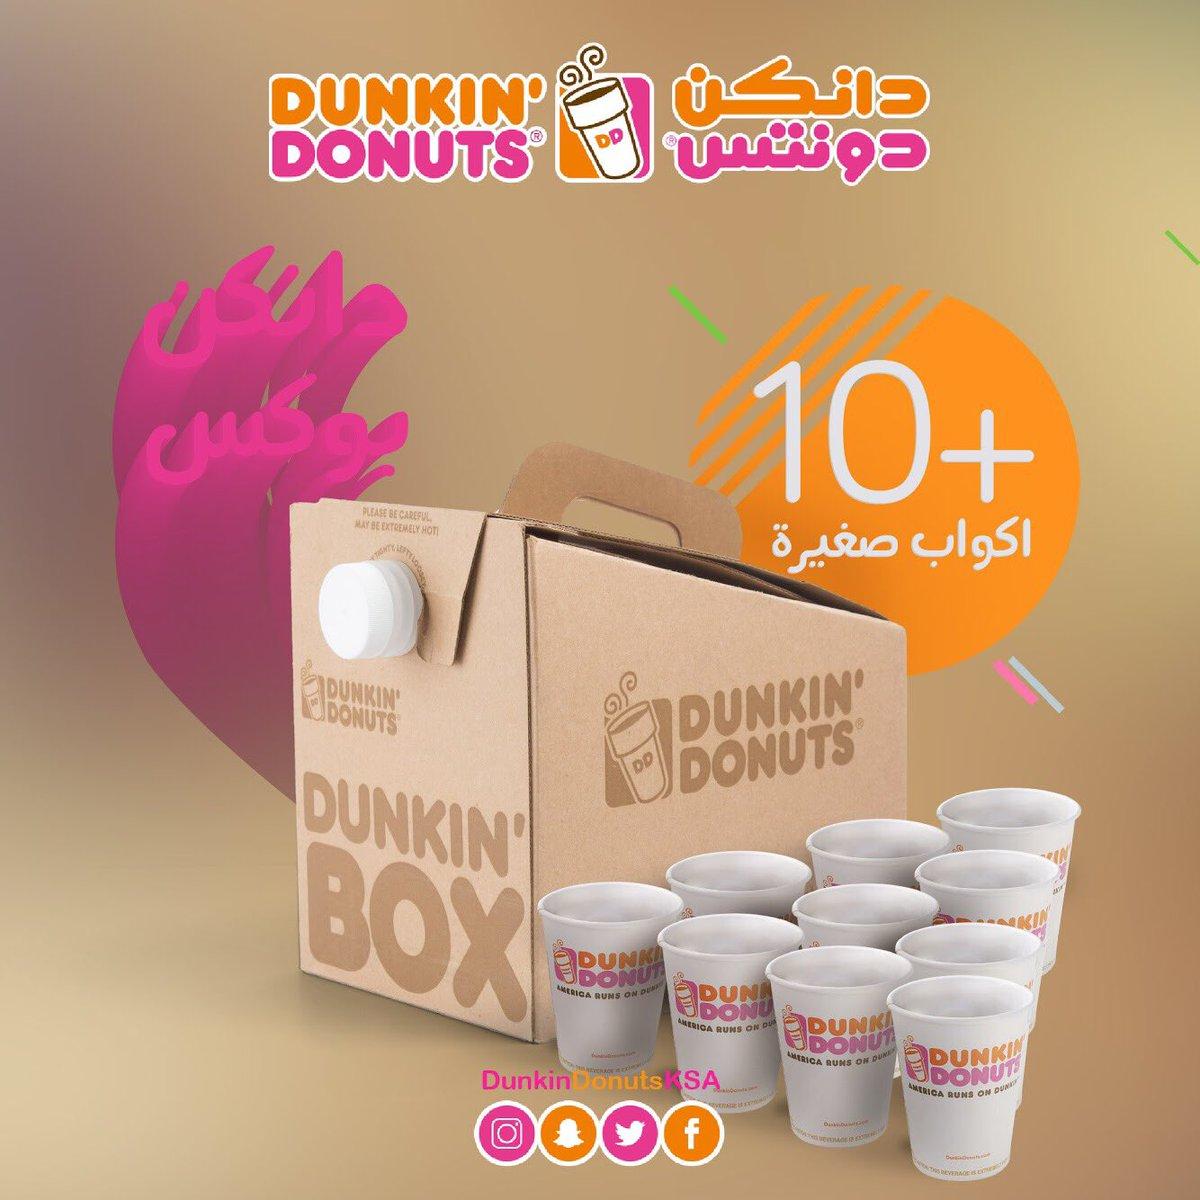 دانكن السعودية Na Tviteru جمعات الويكند يكم لها دانكن بوكس يحفظ سخونة قهوتك لمدة ساعة ويكفي أكثر من ١٠ أكواب